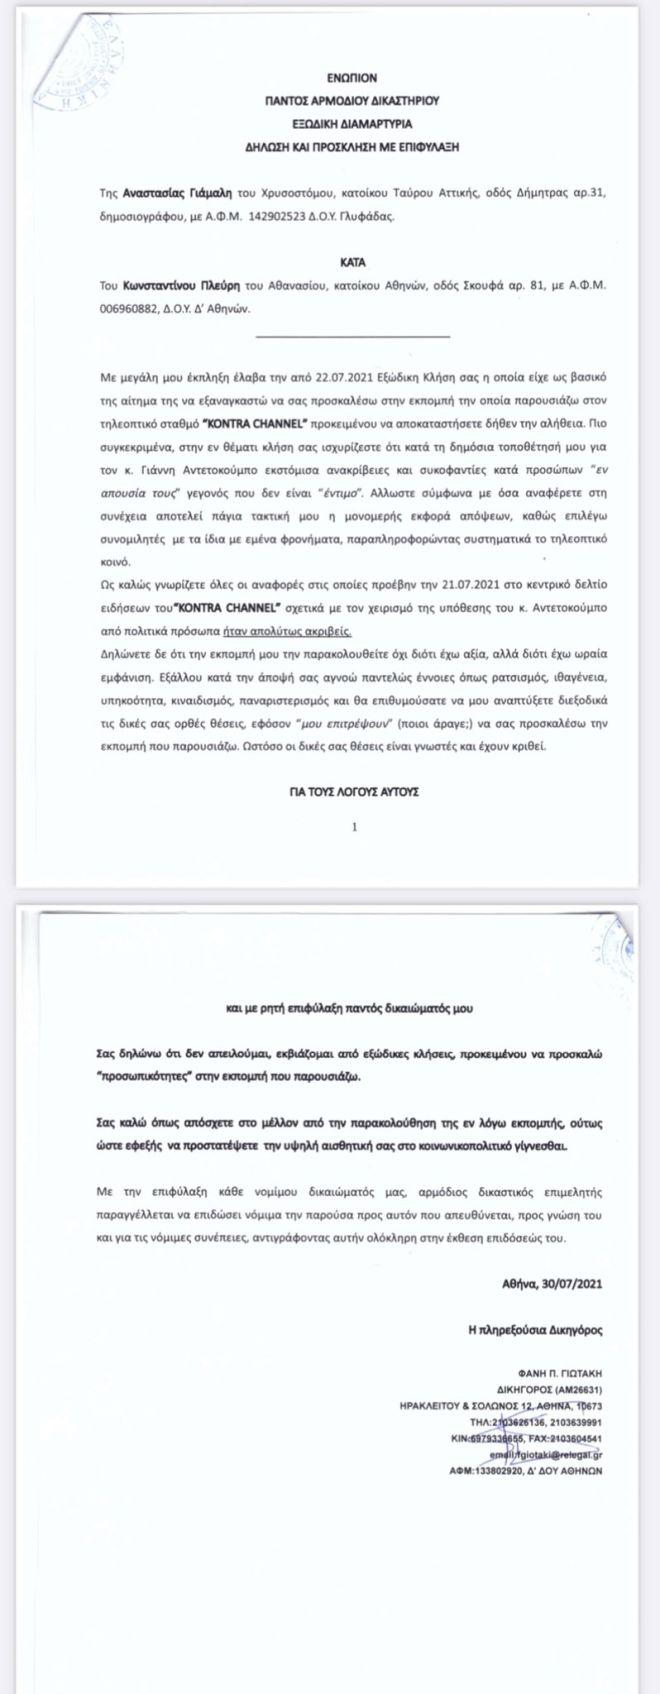 Το σεξιστικό εξώδικο του Κ. Πλεύρη στην Αναστασία Γιάμαλη και η απάντησή της